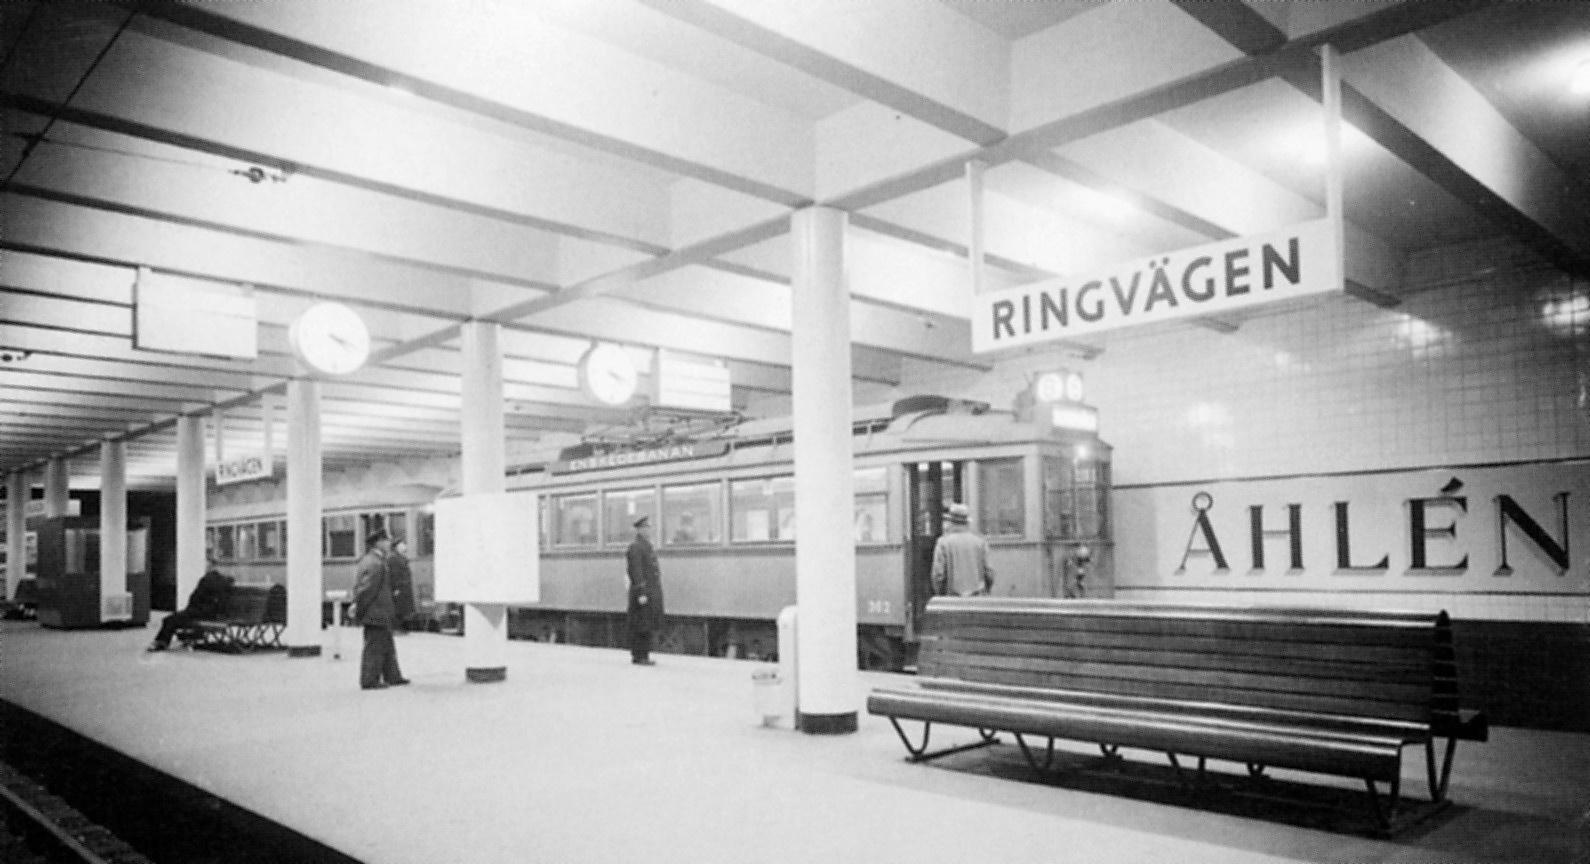 Ringvägen, Stockholm Metro